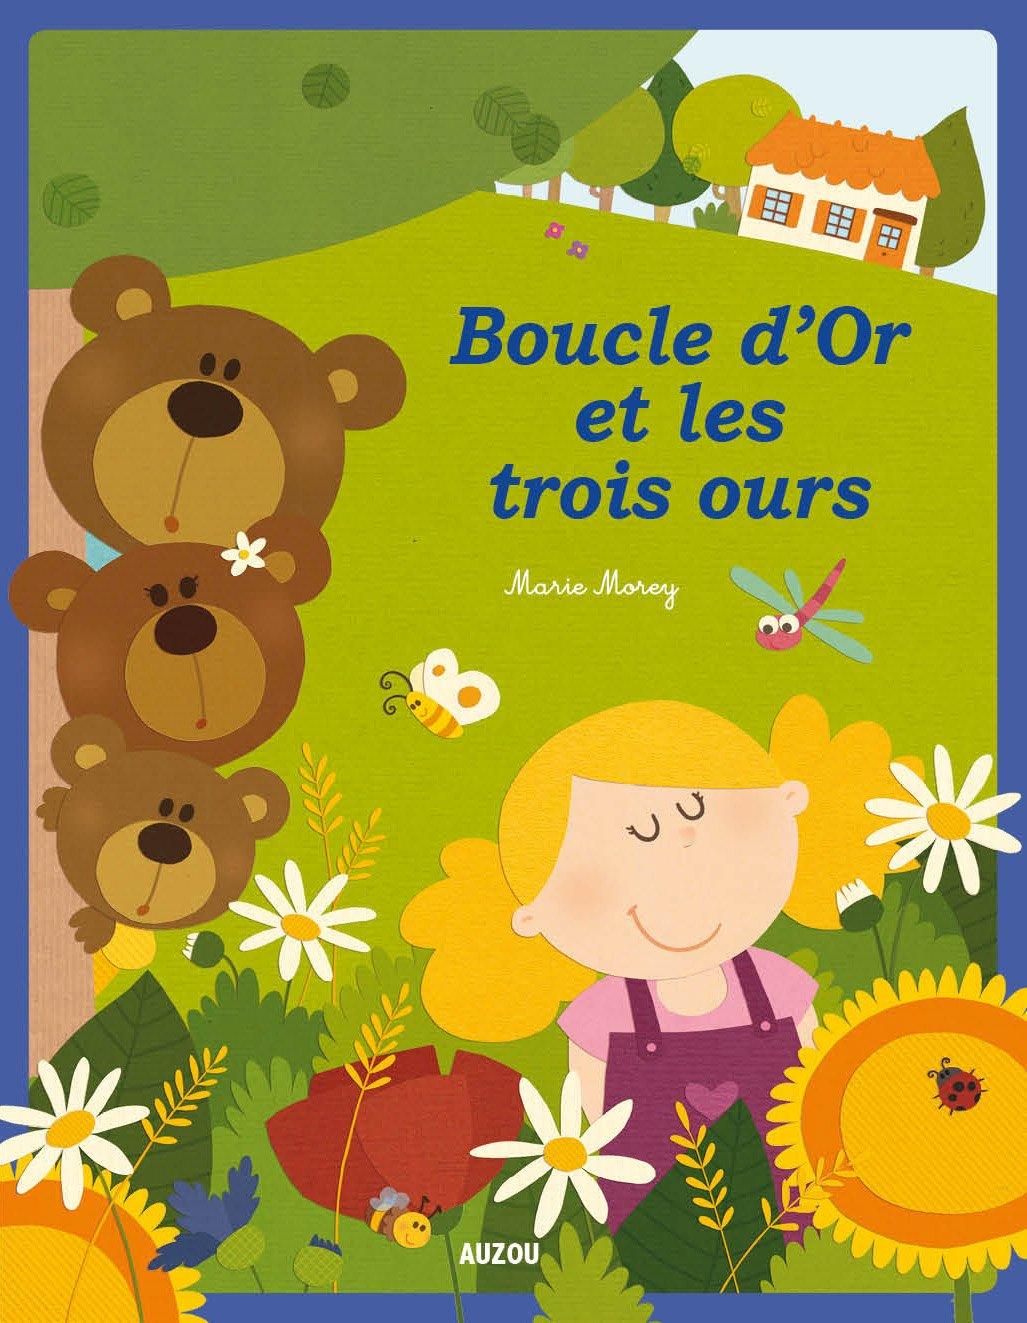 Amazon.fr - Boucle d'Or et les trois ours - Marie Morey - Livres